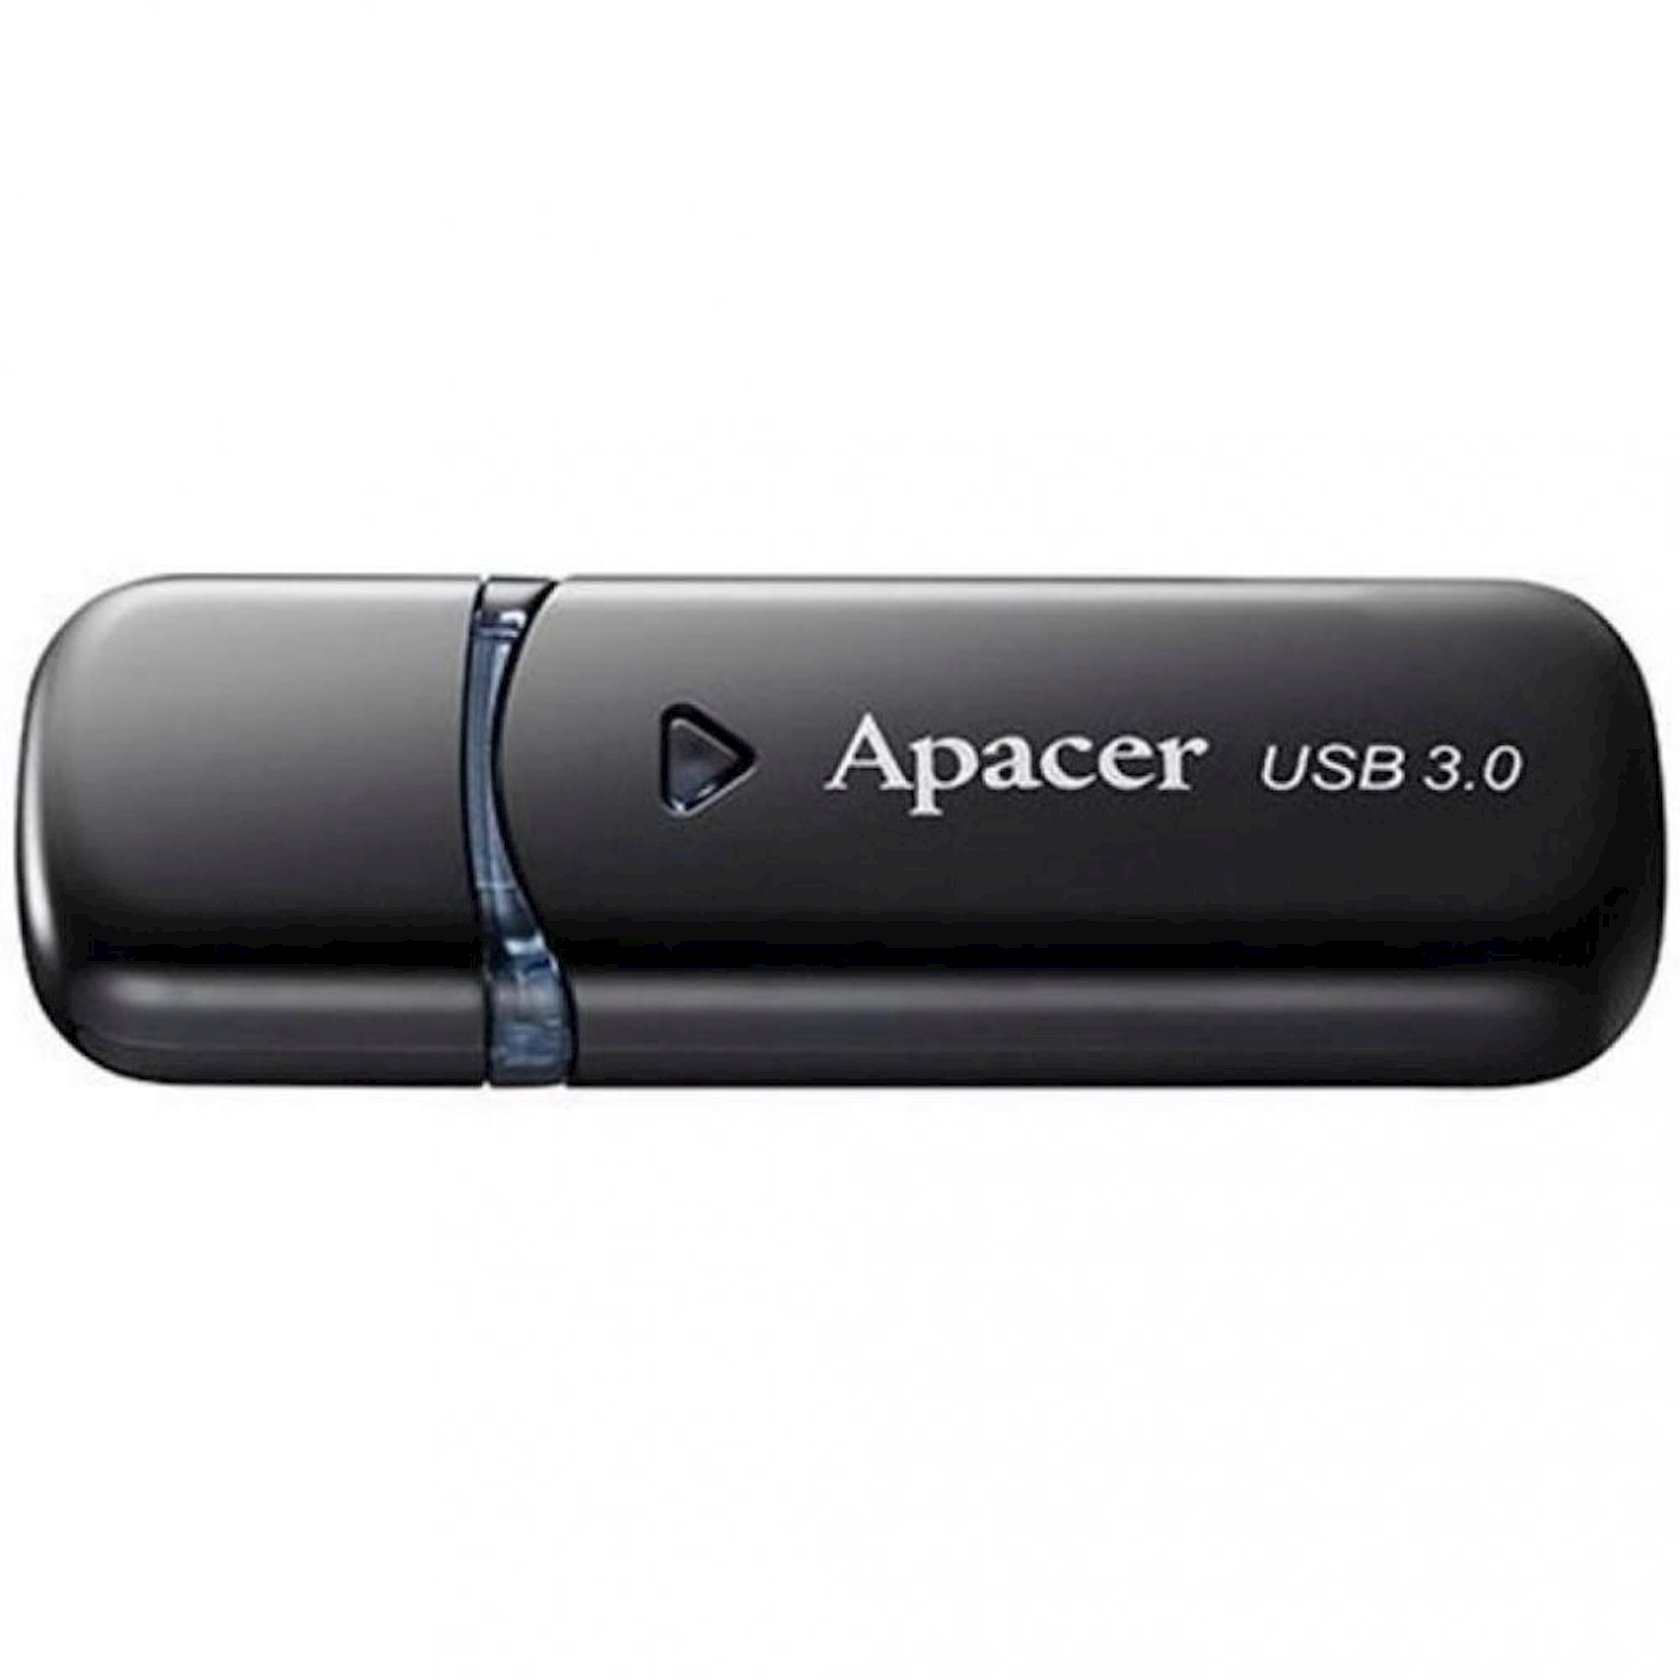 Fləş kart Apacer USB 3.1 Gen1 AH355 Black 64 Gb